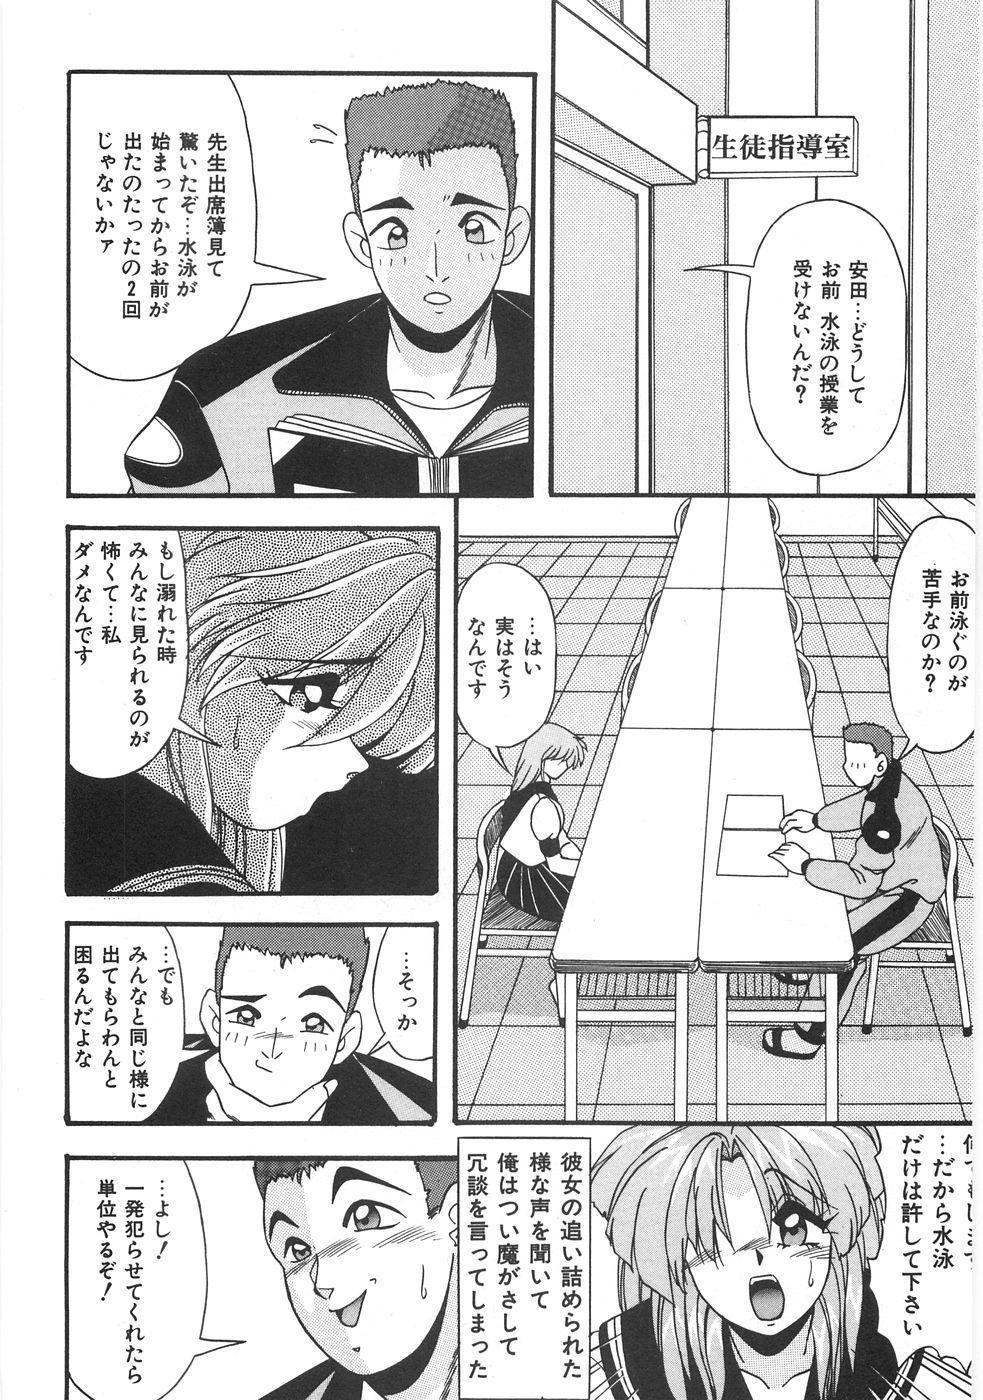 Seifuku Zukan Tenshi no Mitsugi 249